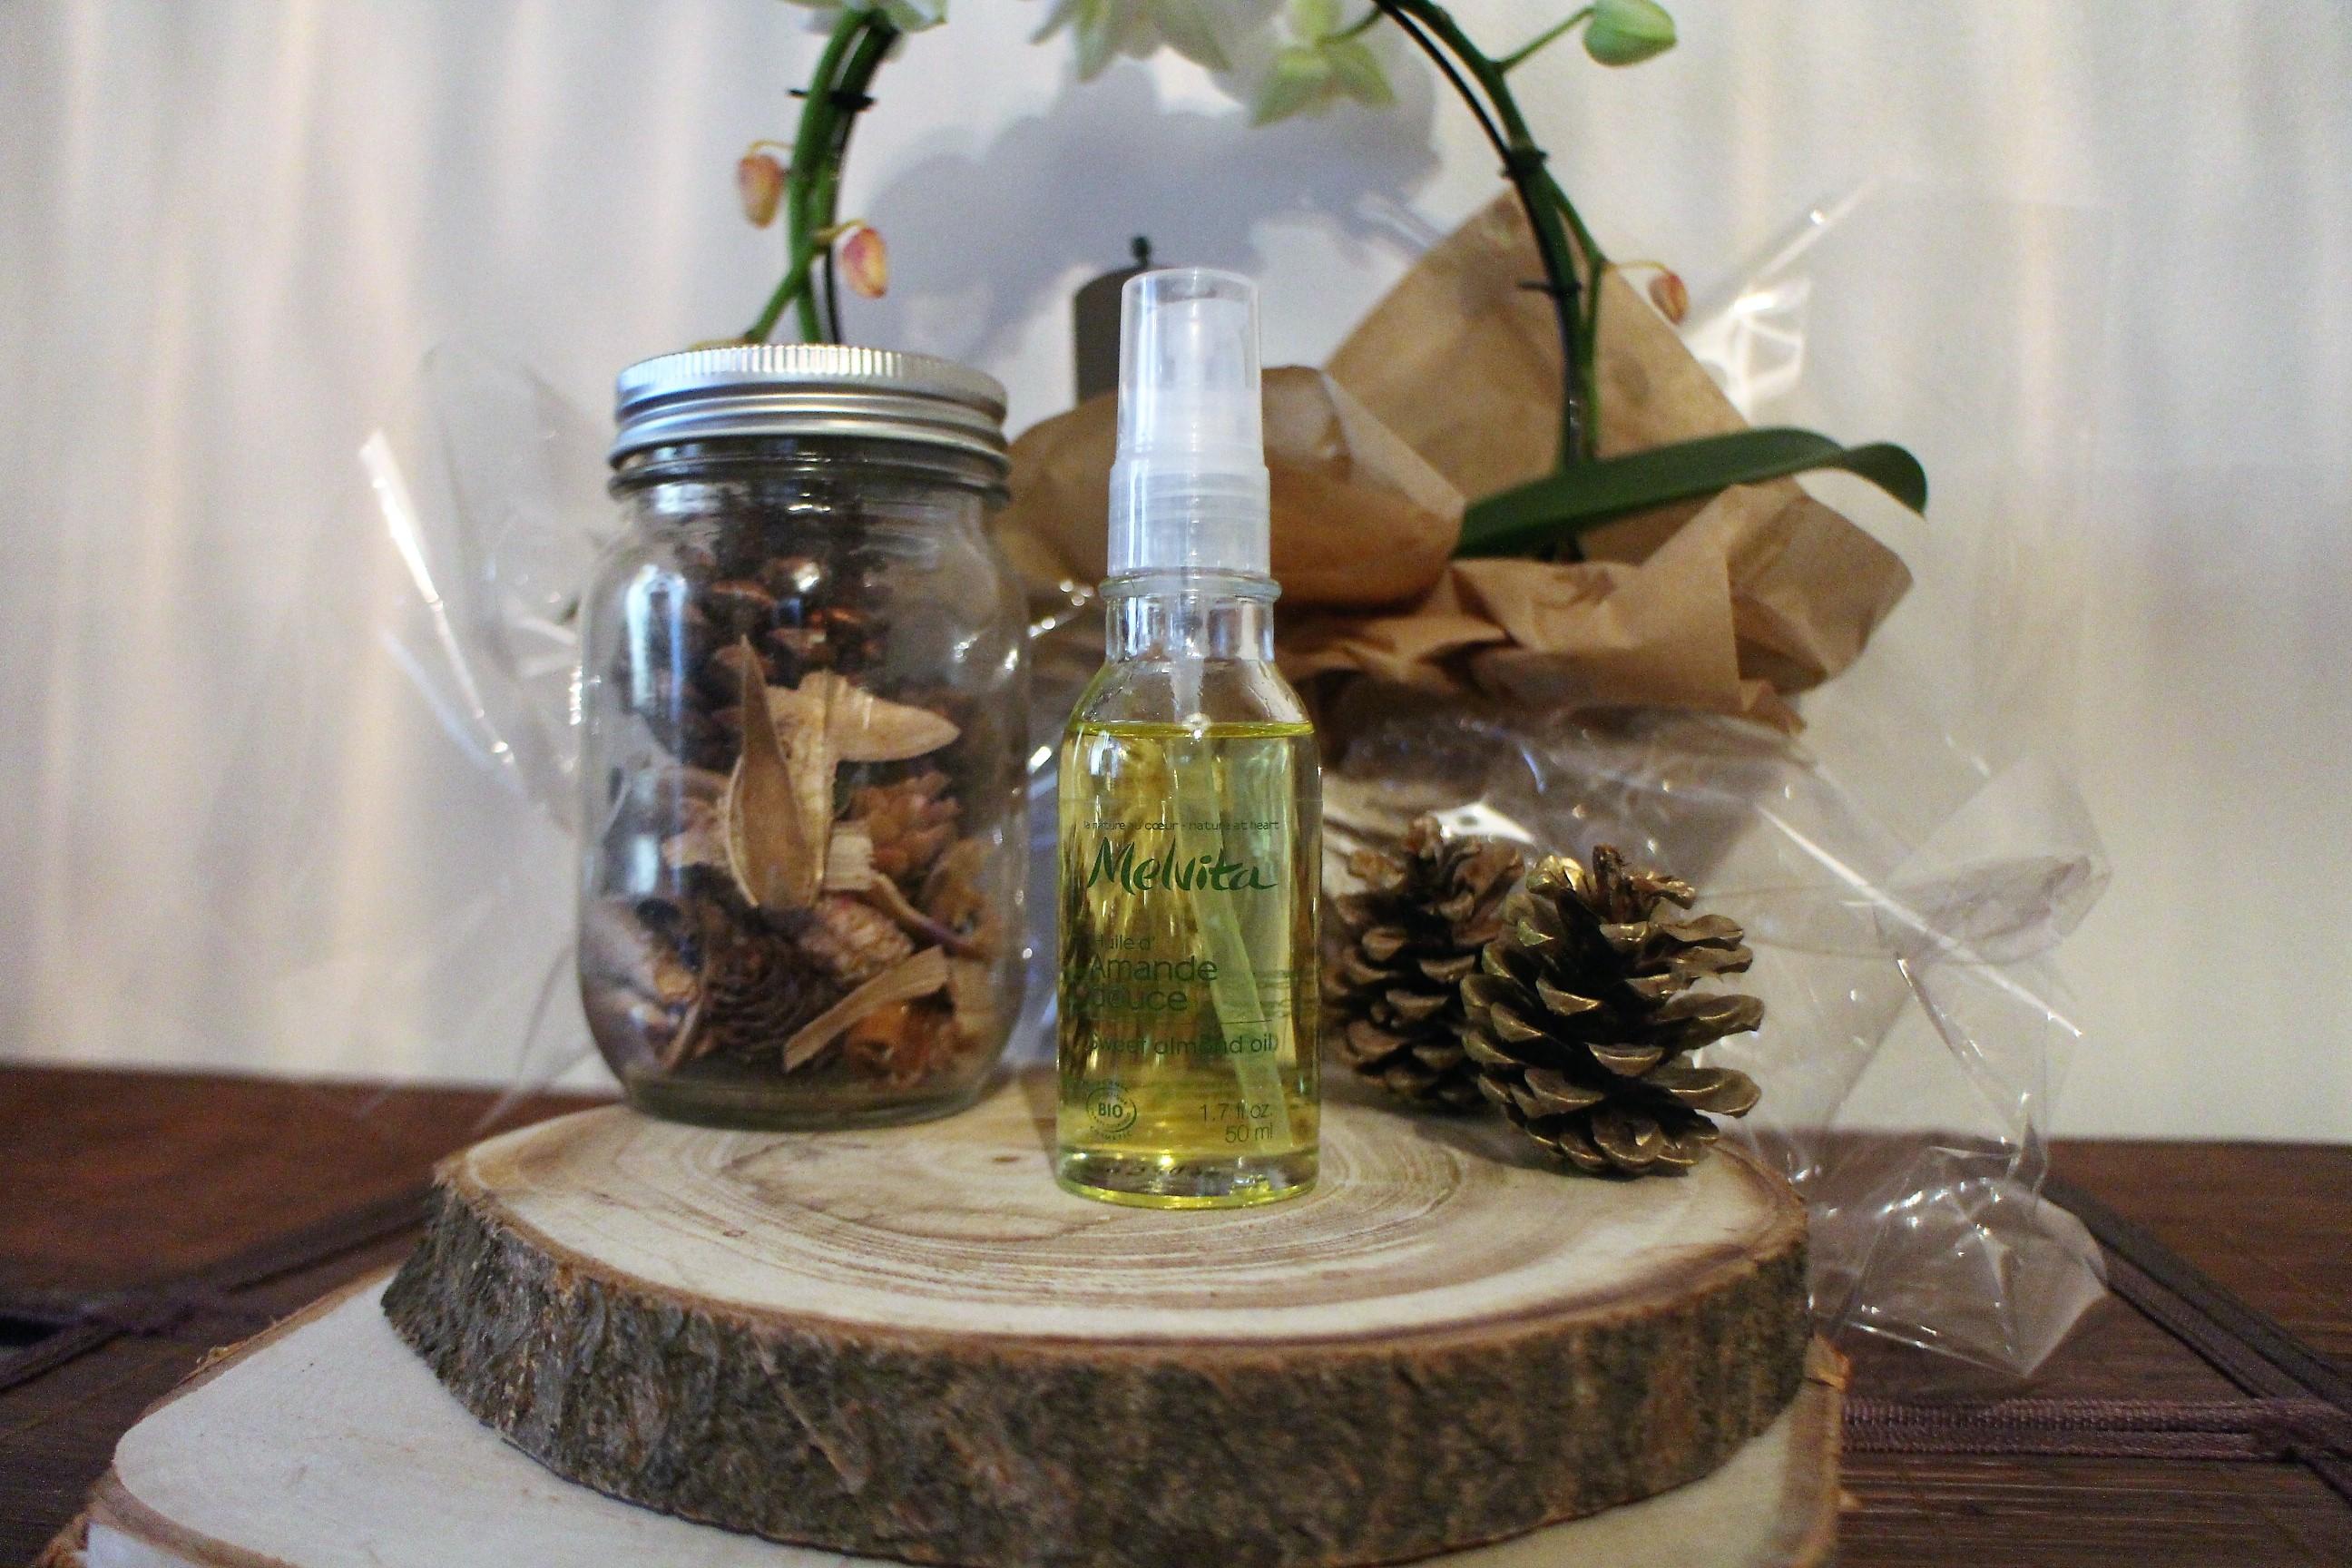 Mes huiles végétales indispensables - Huile d'amande douce